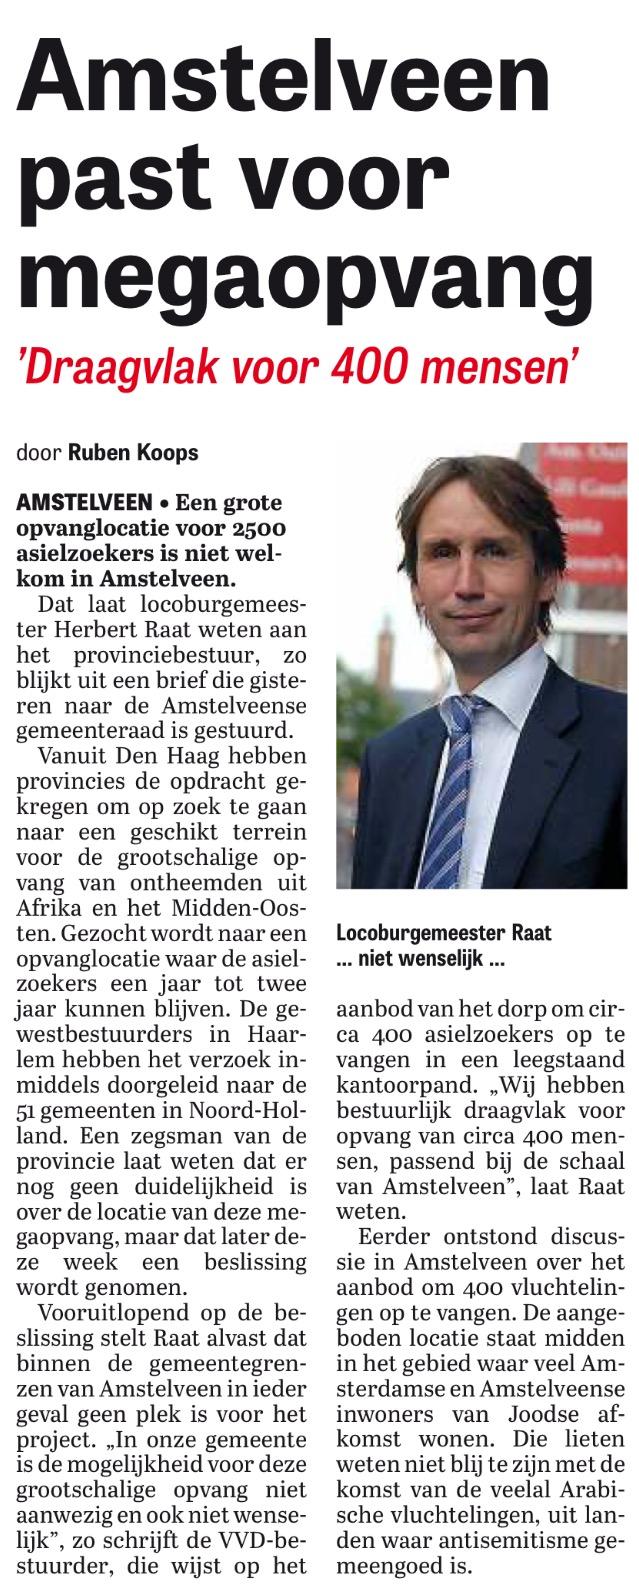 2015-27-10; De Telegraaf: Herbert Raat over vluchtelingen in Amstelveen. Geen megaopvang